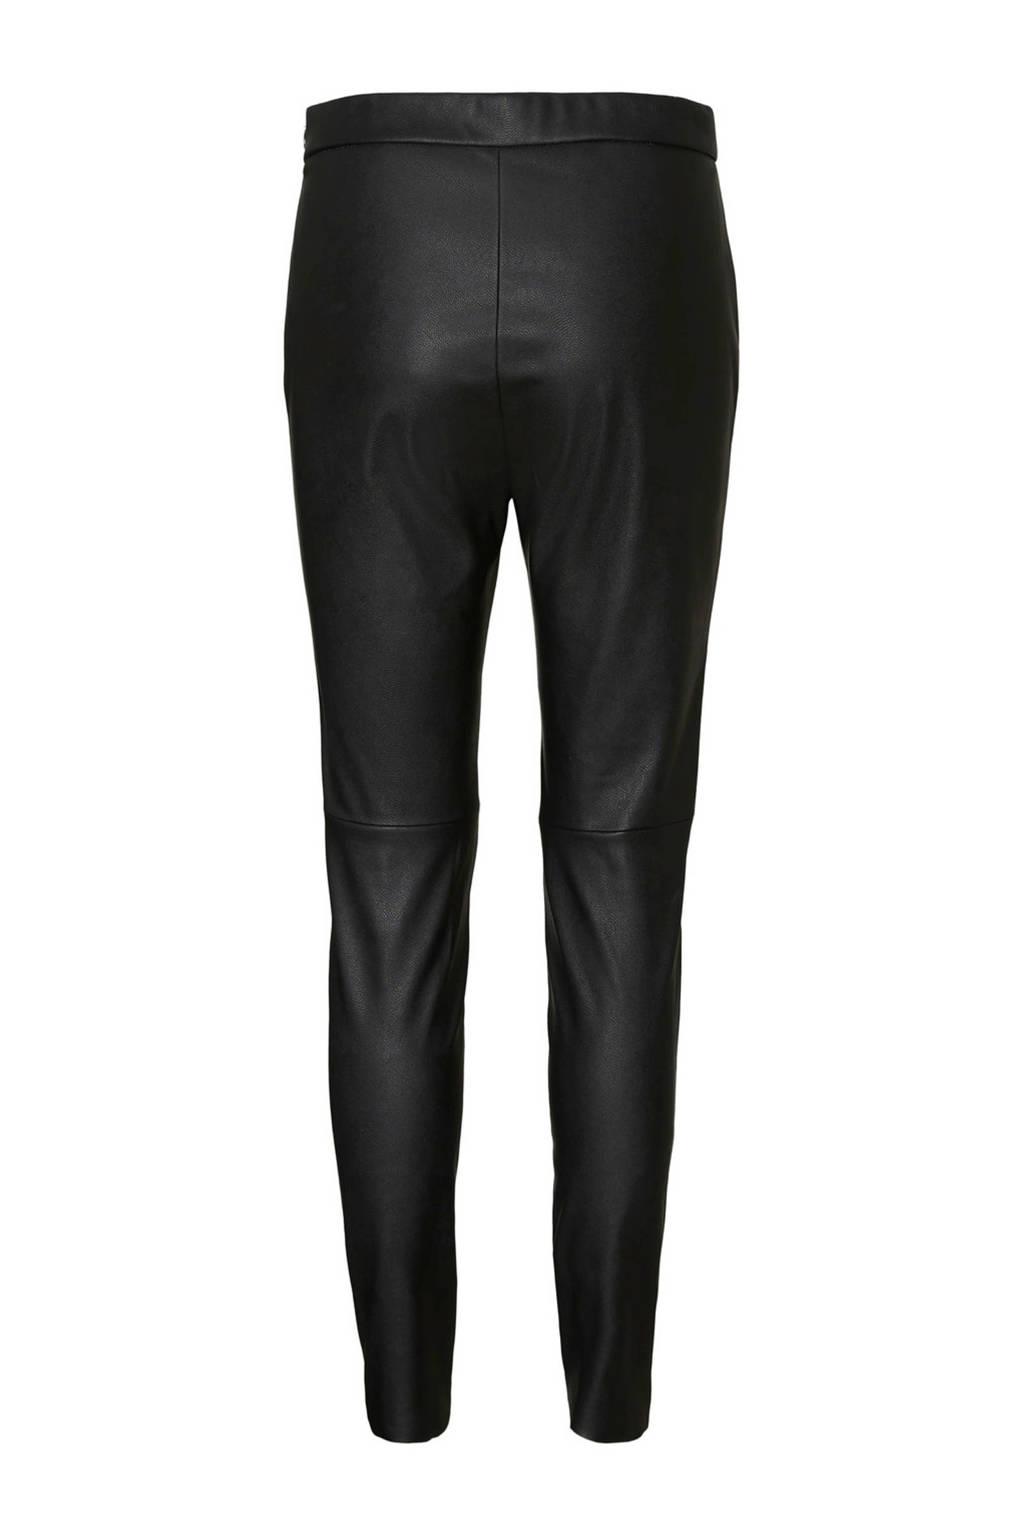 VERO MODA legging met coating zwart, Zwart